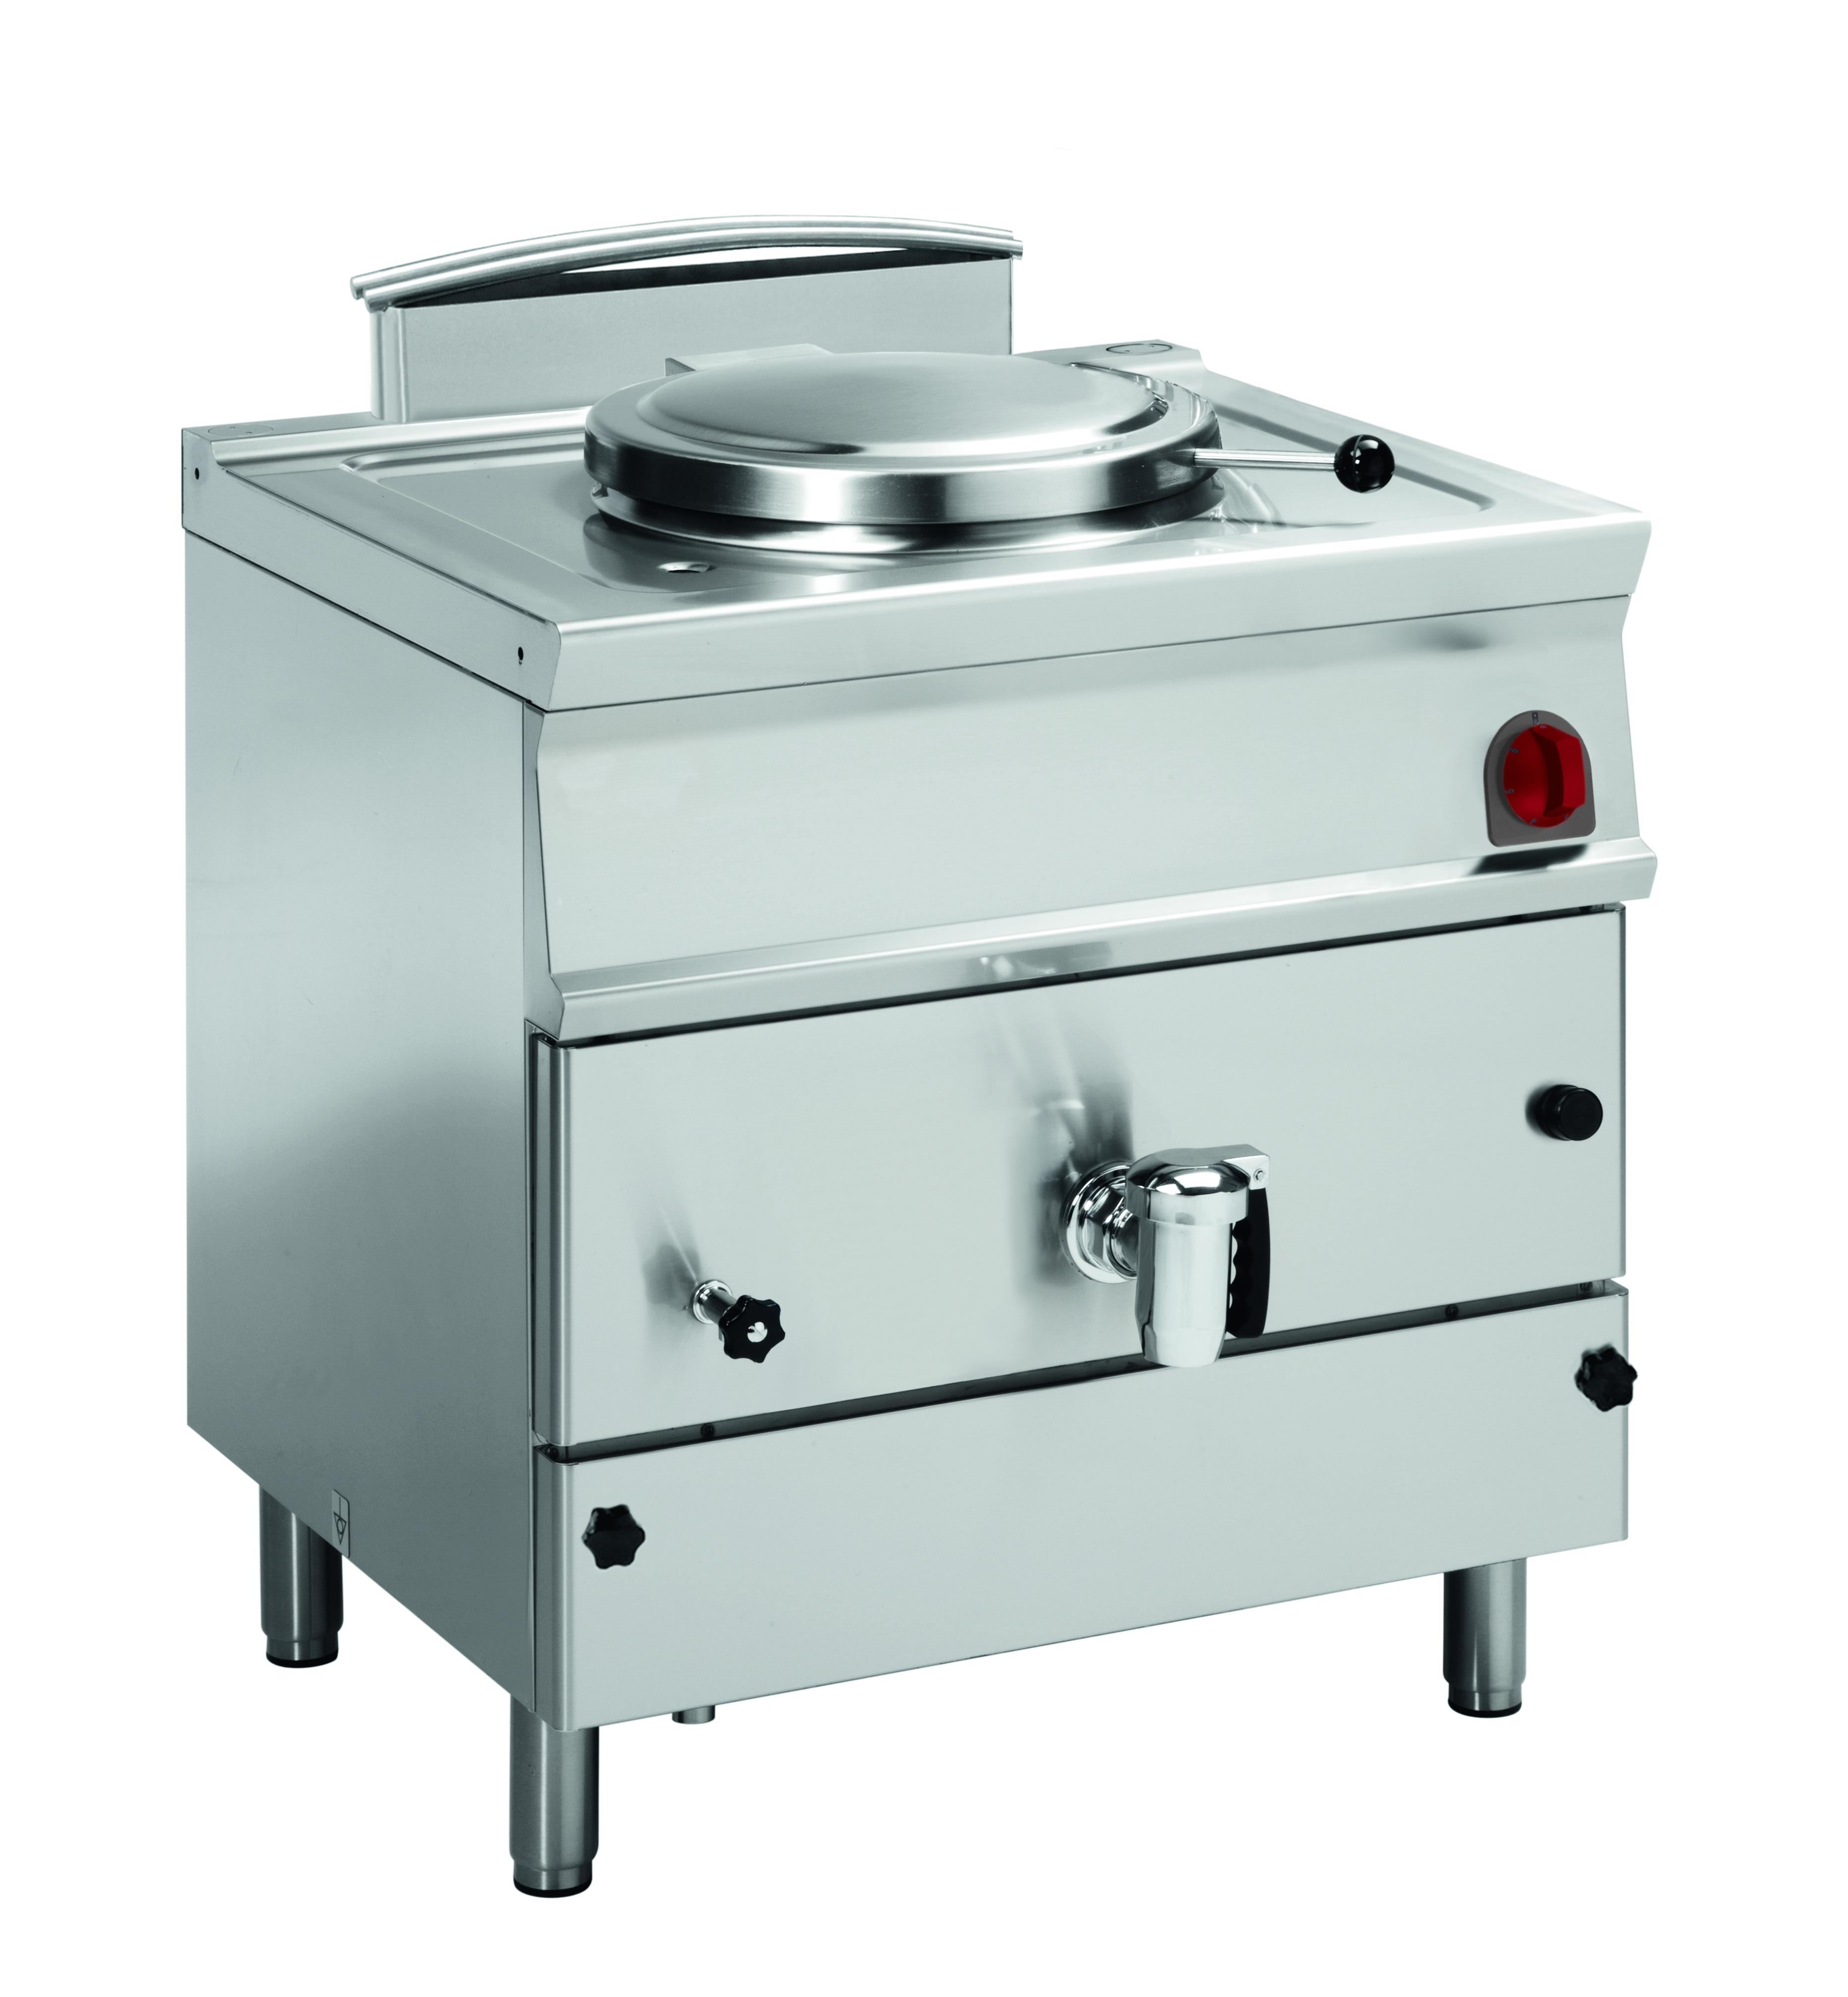 Eurast 48880317 Marmita a gas 50 litros calor indirecto - 800x700x900 mm - 15.5 Kw